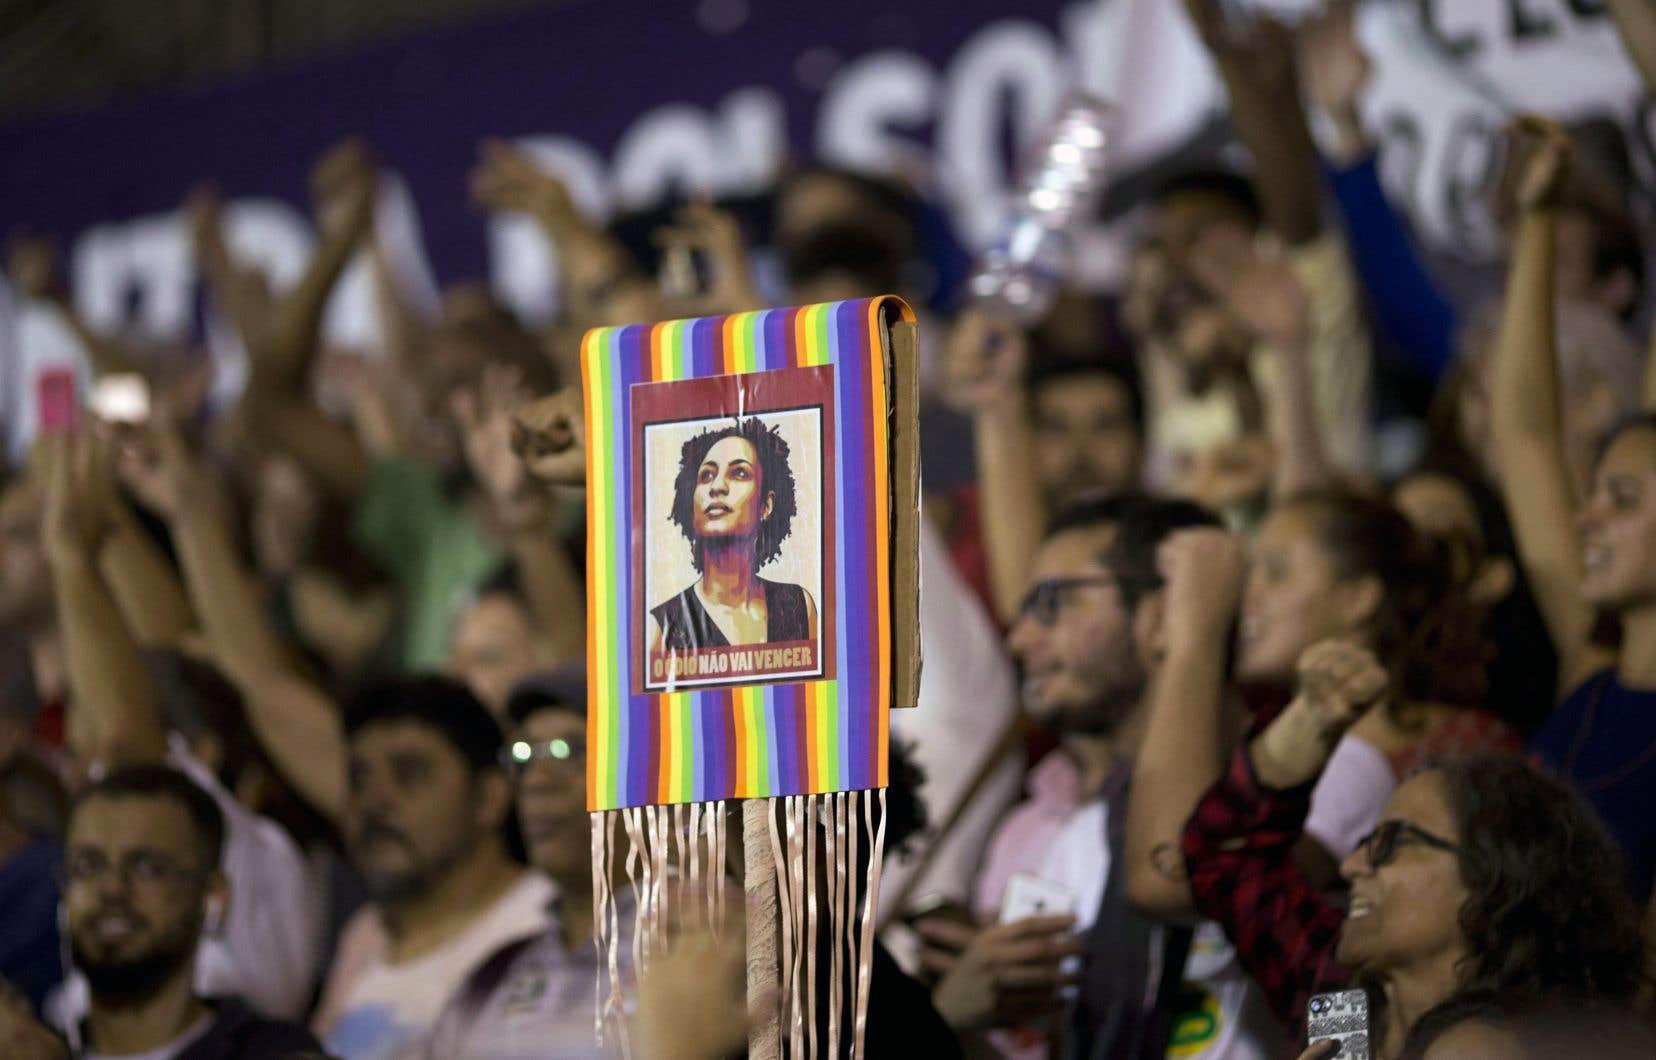 Une affiche de Marielle Franco lors d'un rassemblement citoyen durant la campagne présidentielle d'octobre dernier